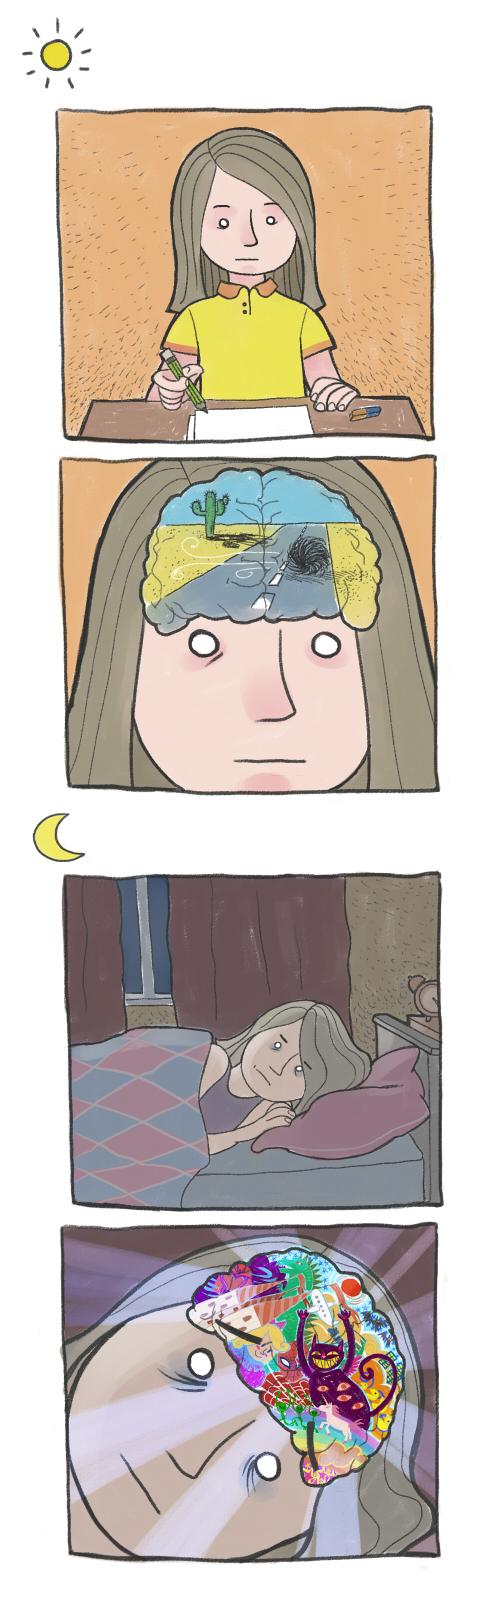 cerebro dia noite Atividade cerebral: dia x noite